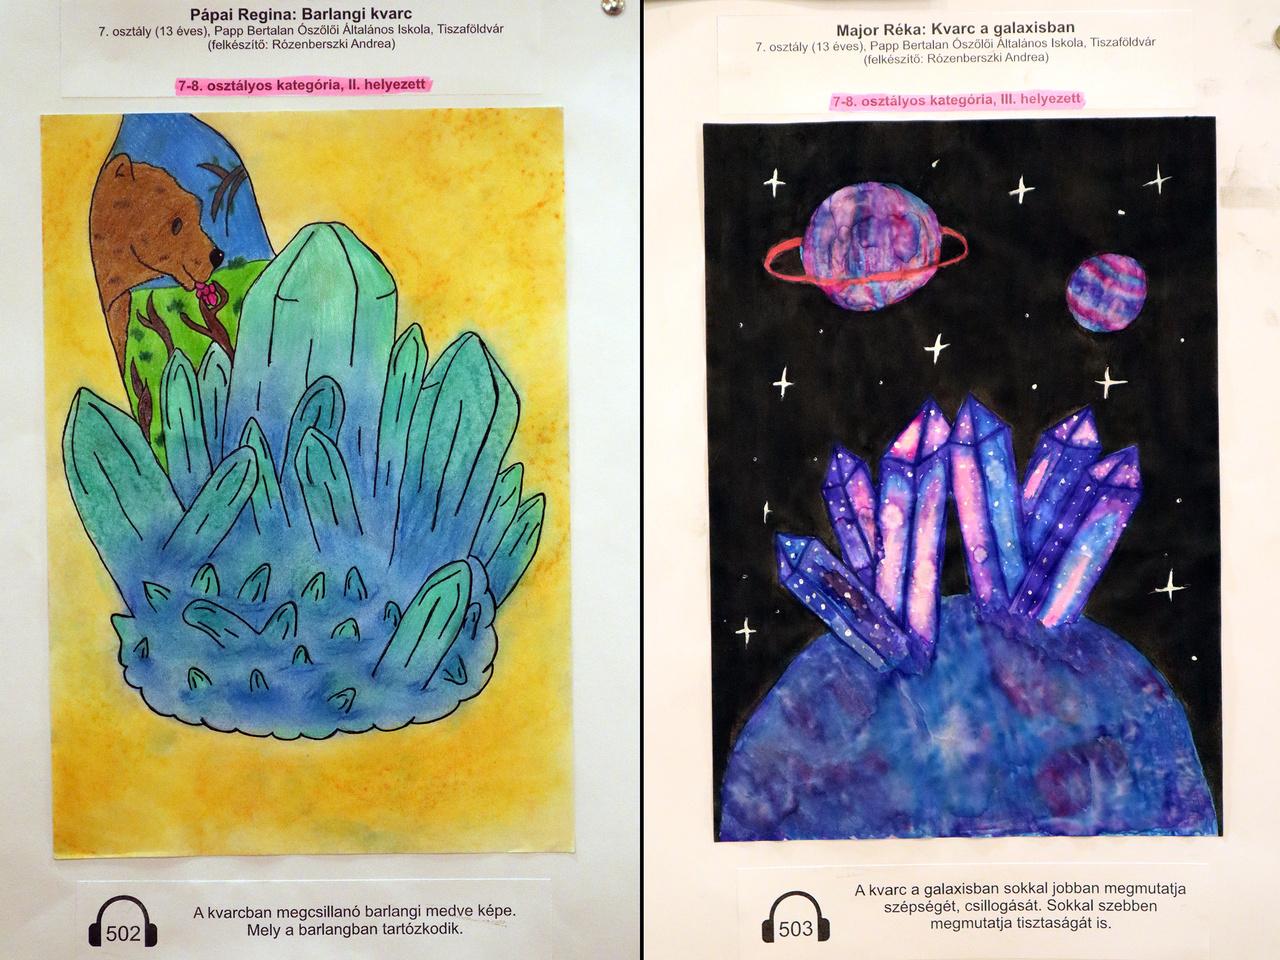 Két remek rajz a pályázatra érkezett alkotások közül.